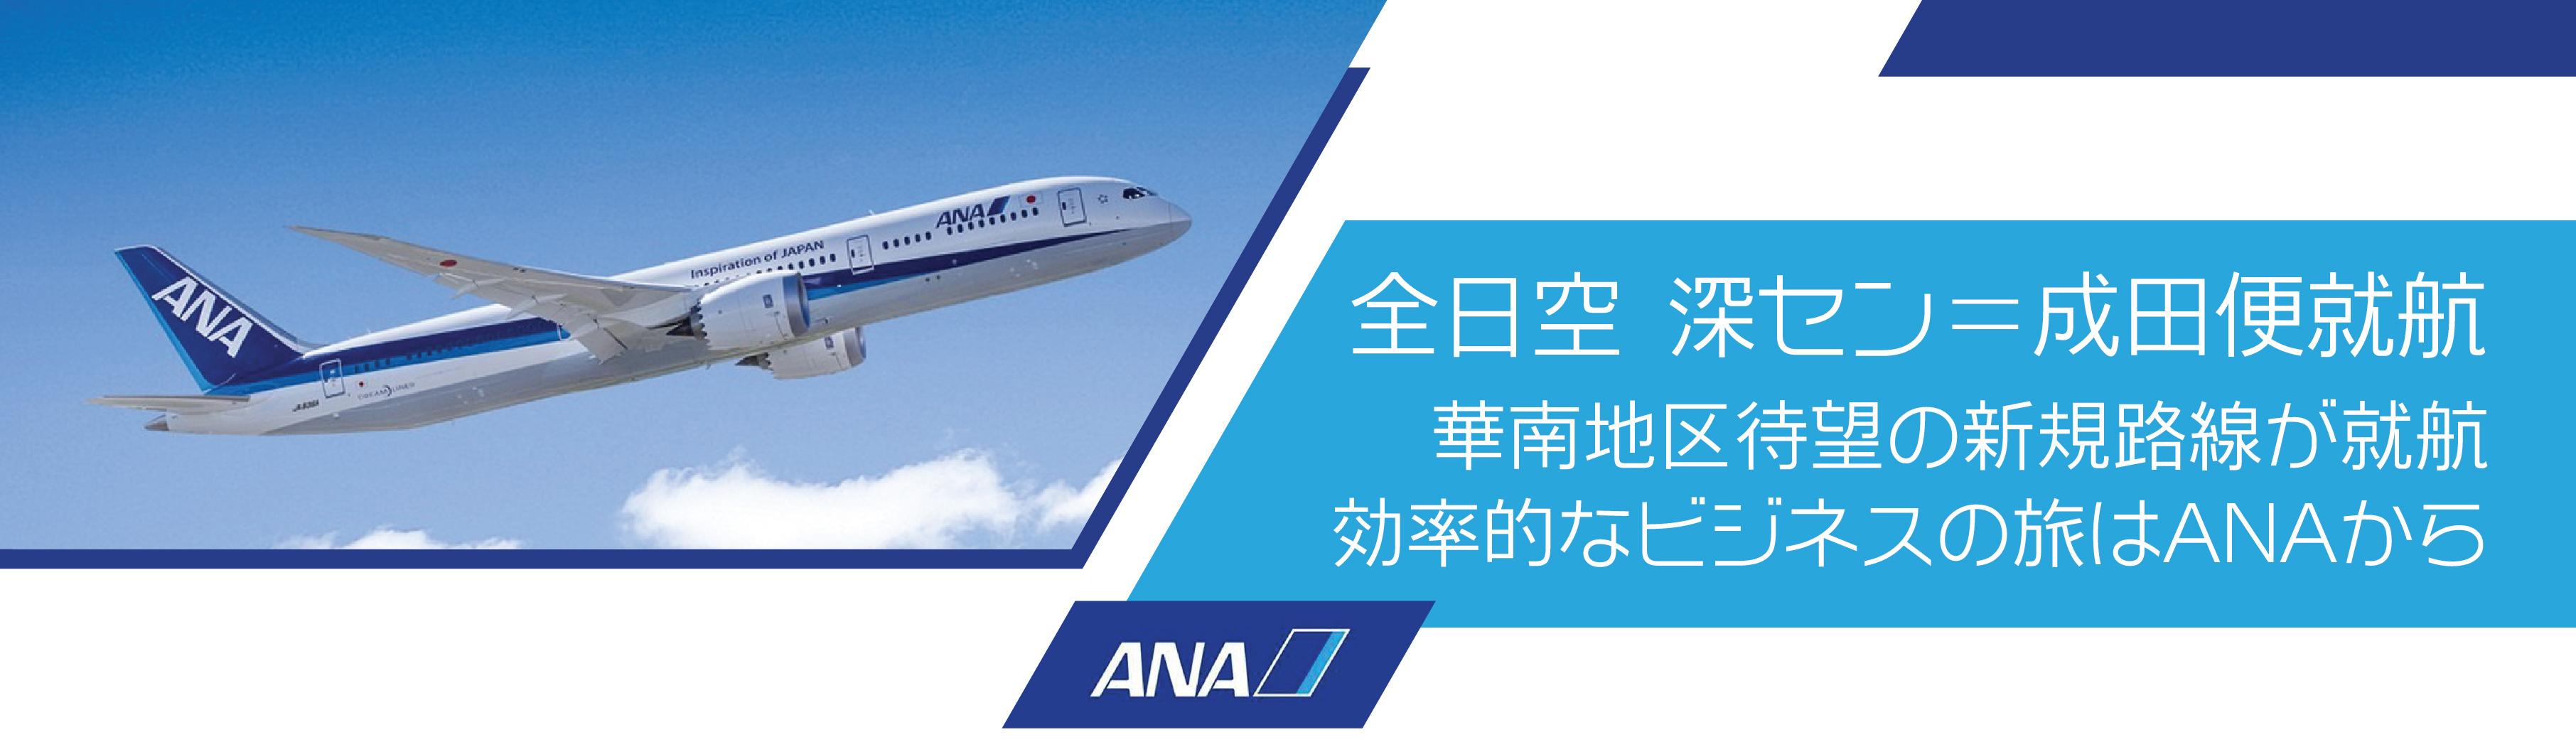 全日空 深セン=成田便就航 華南地区待望の新規路線が就航 効率的なビジネスの旅はANAから